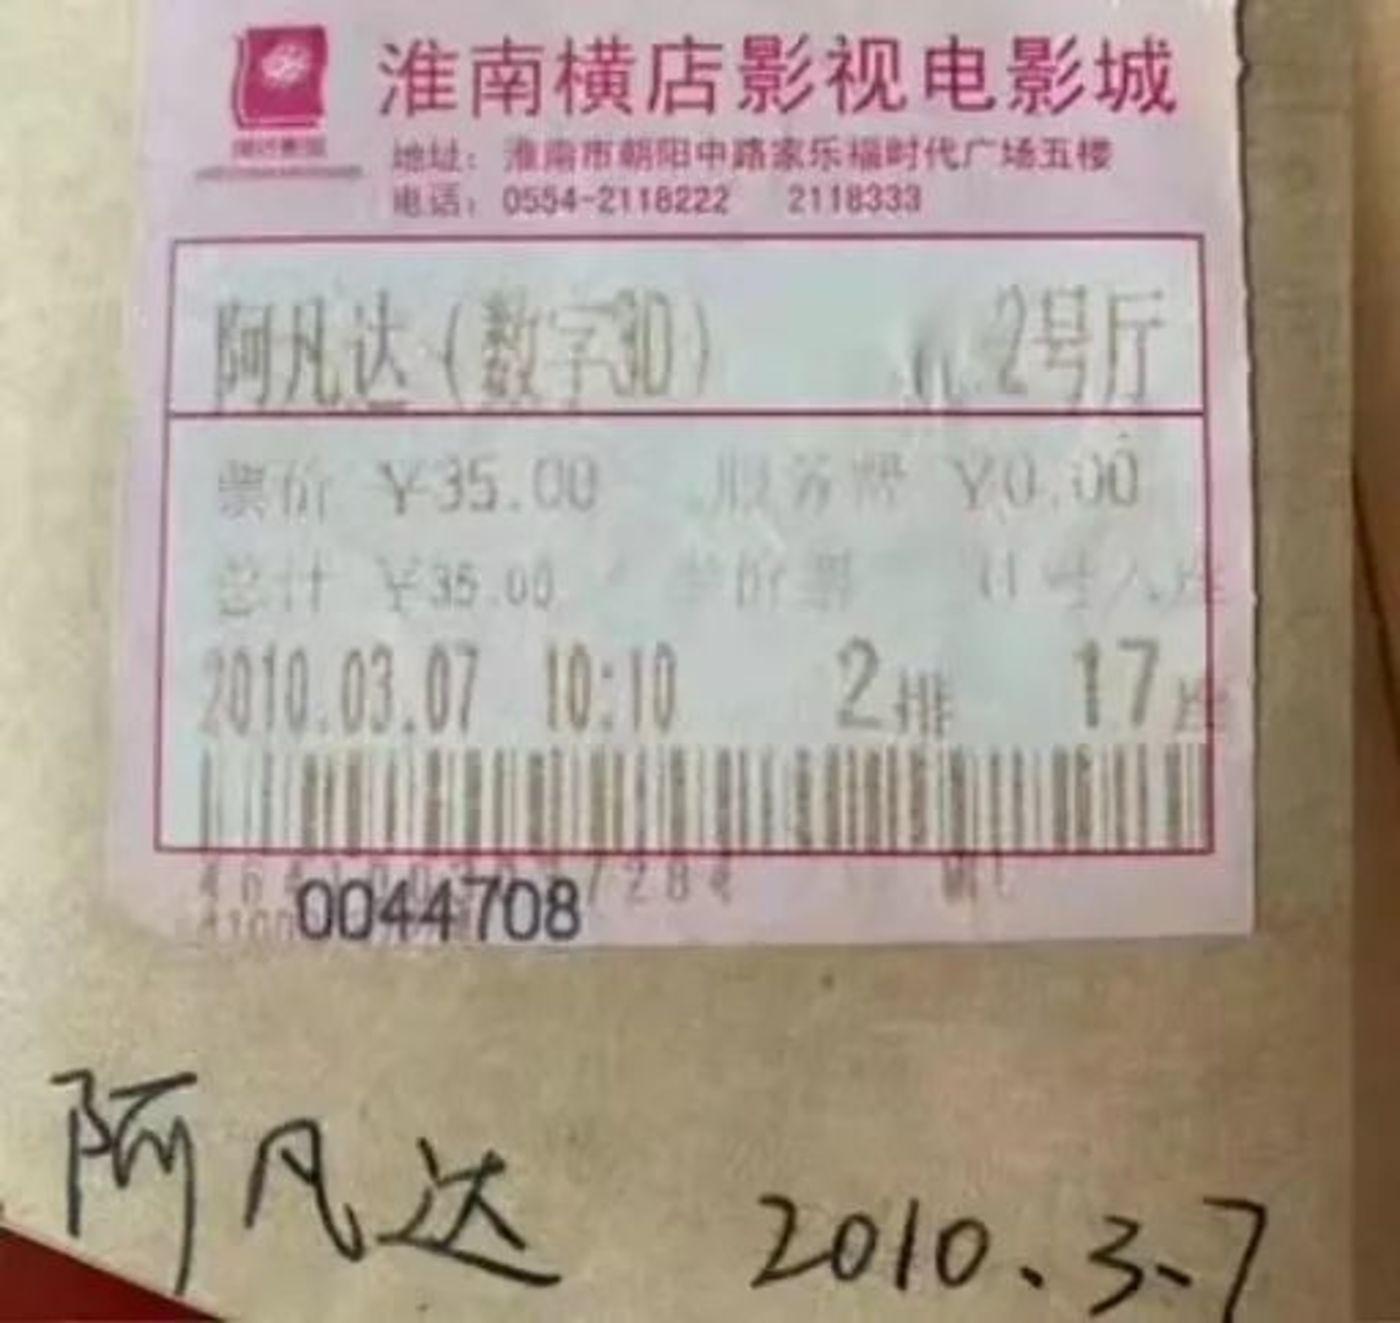 网友晒出的《阿凡达》旧电影票根